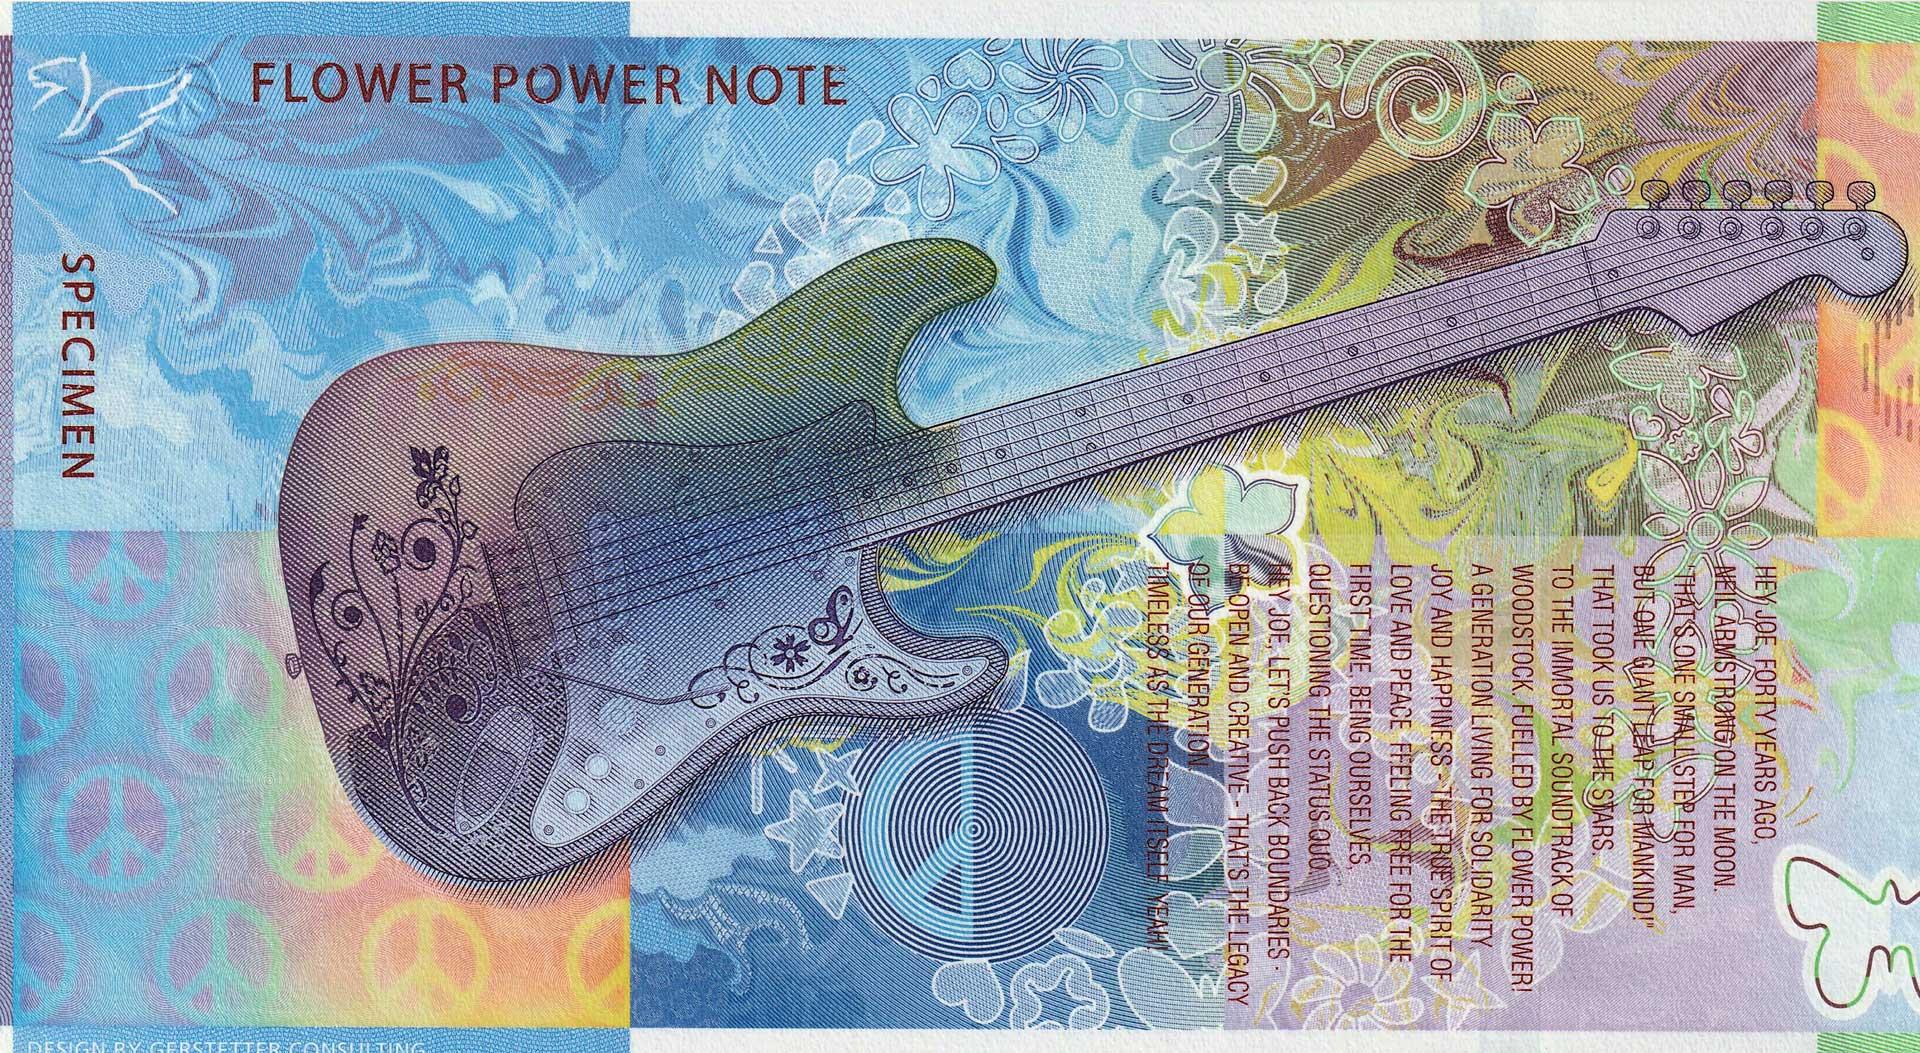 Art Fiduciaire: when banknotes meet art